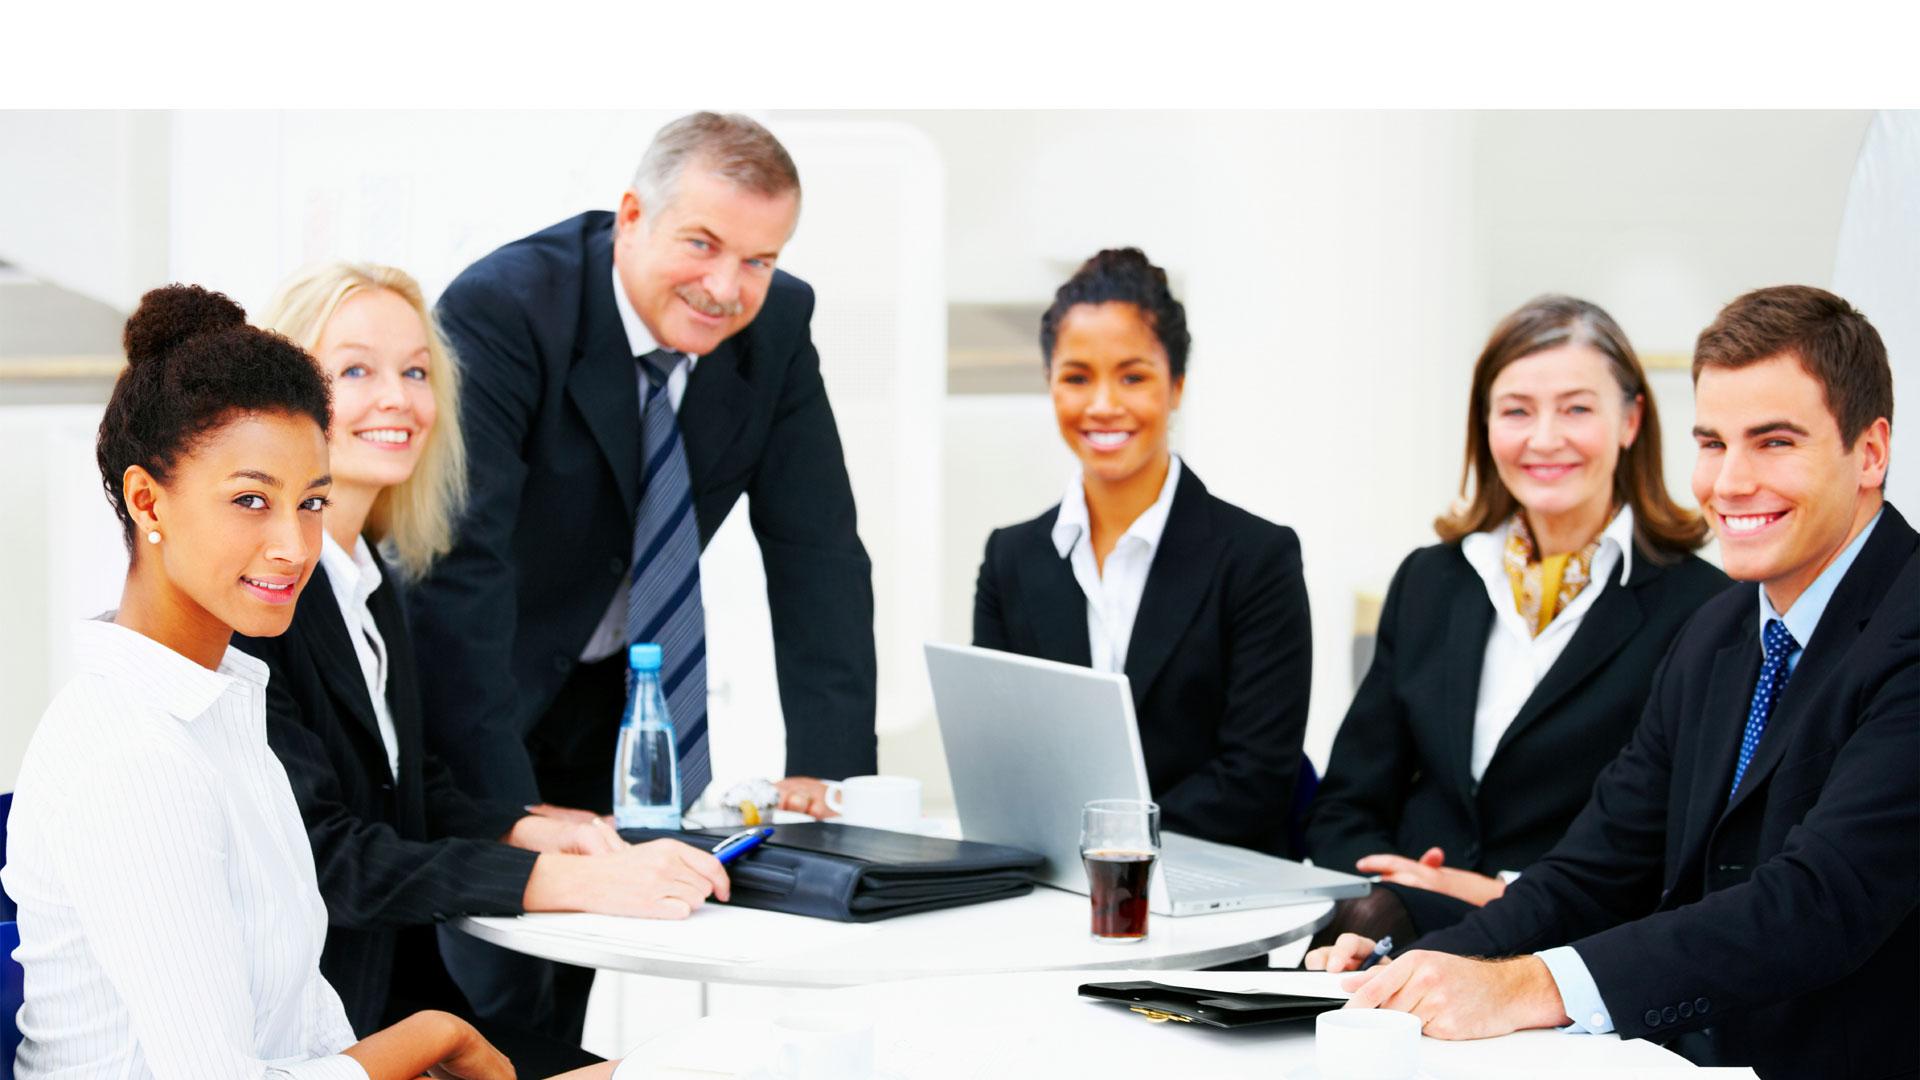 Aprovecha las ventajas competitivas de tus trabajadores como la creatividad, lealtad y compromiso con la empresa